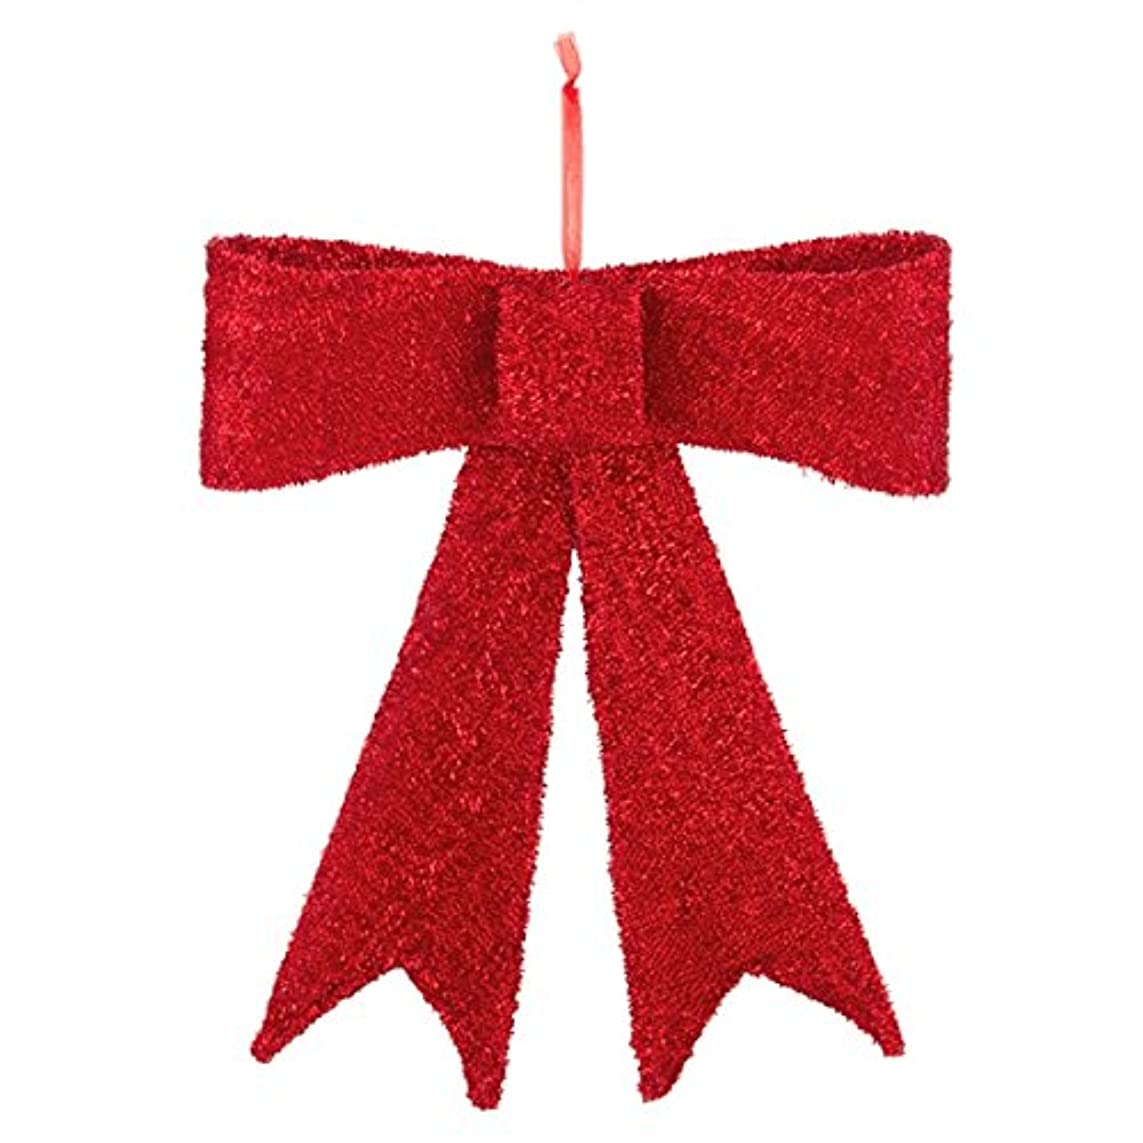 盗難顕著たくさんのラージティンゼルリボン(M)(RBN1012M)[クリスマス デコレーション 飾り オーナメント ラージティンゼルリボン リボン 屋外対応]